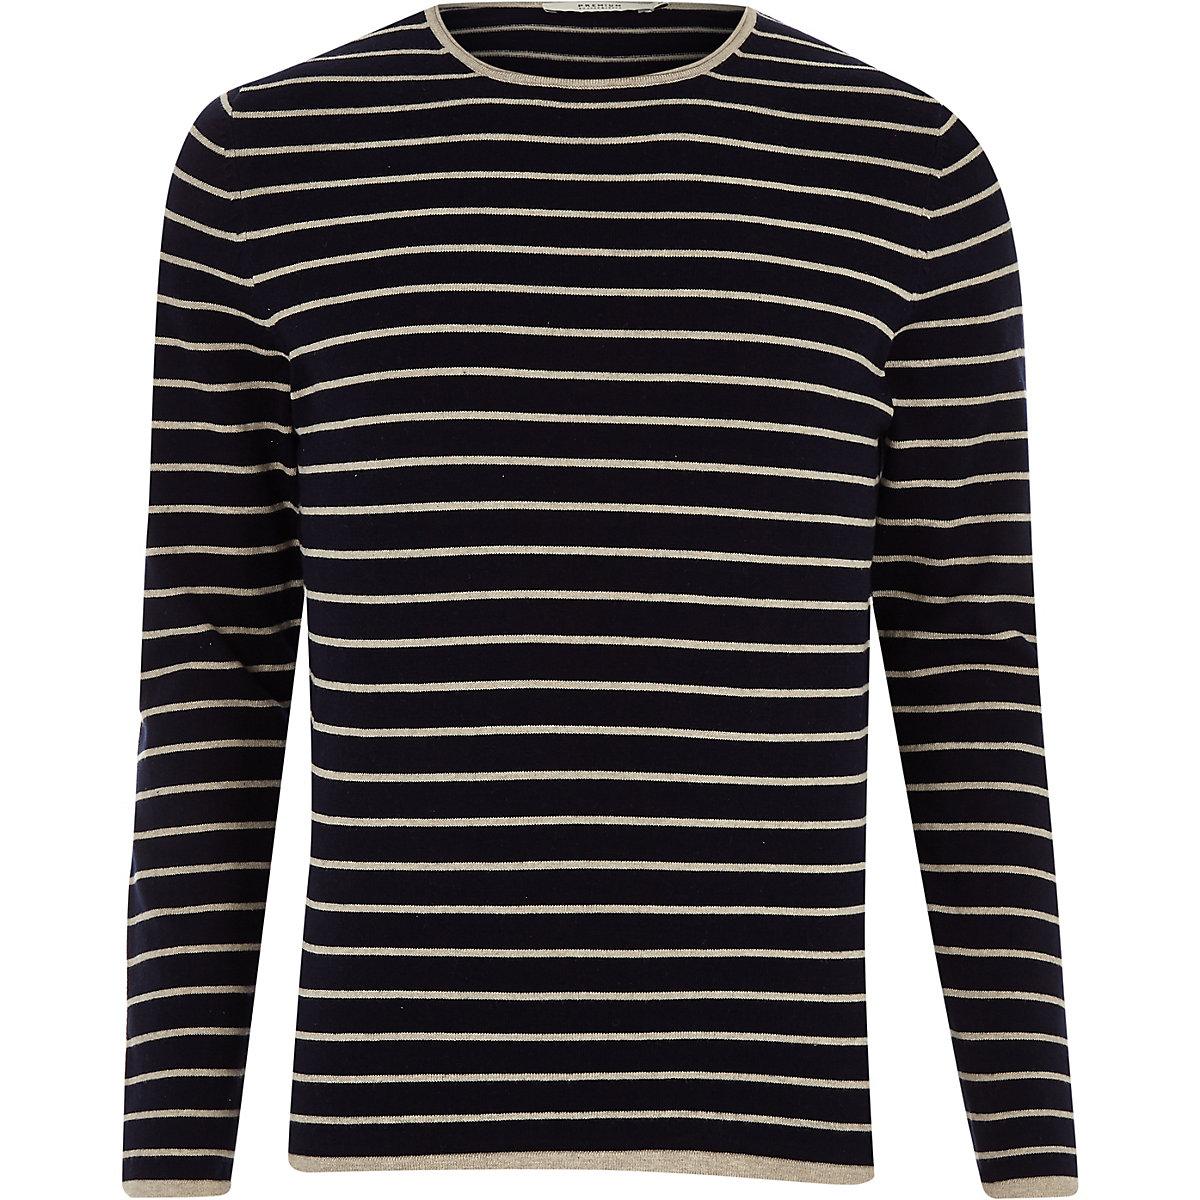 Jack & Jones navy knit stripe sweater